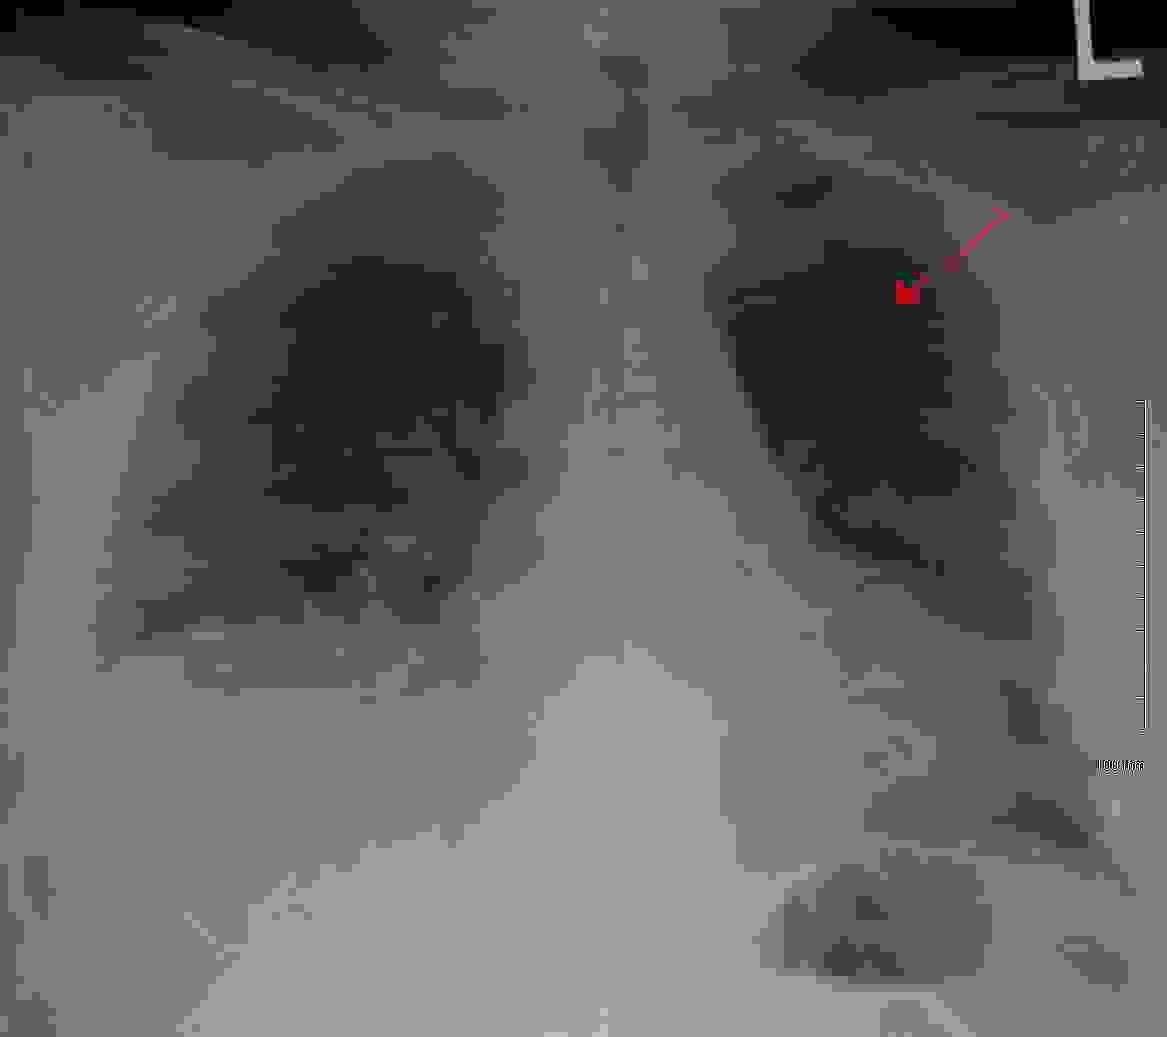 شكلُ ذاتِ الرئة في الصورةِ الشعاعية